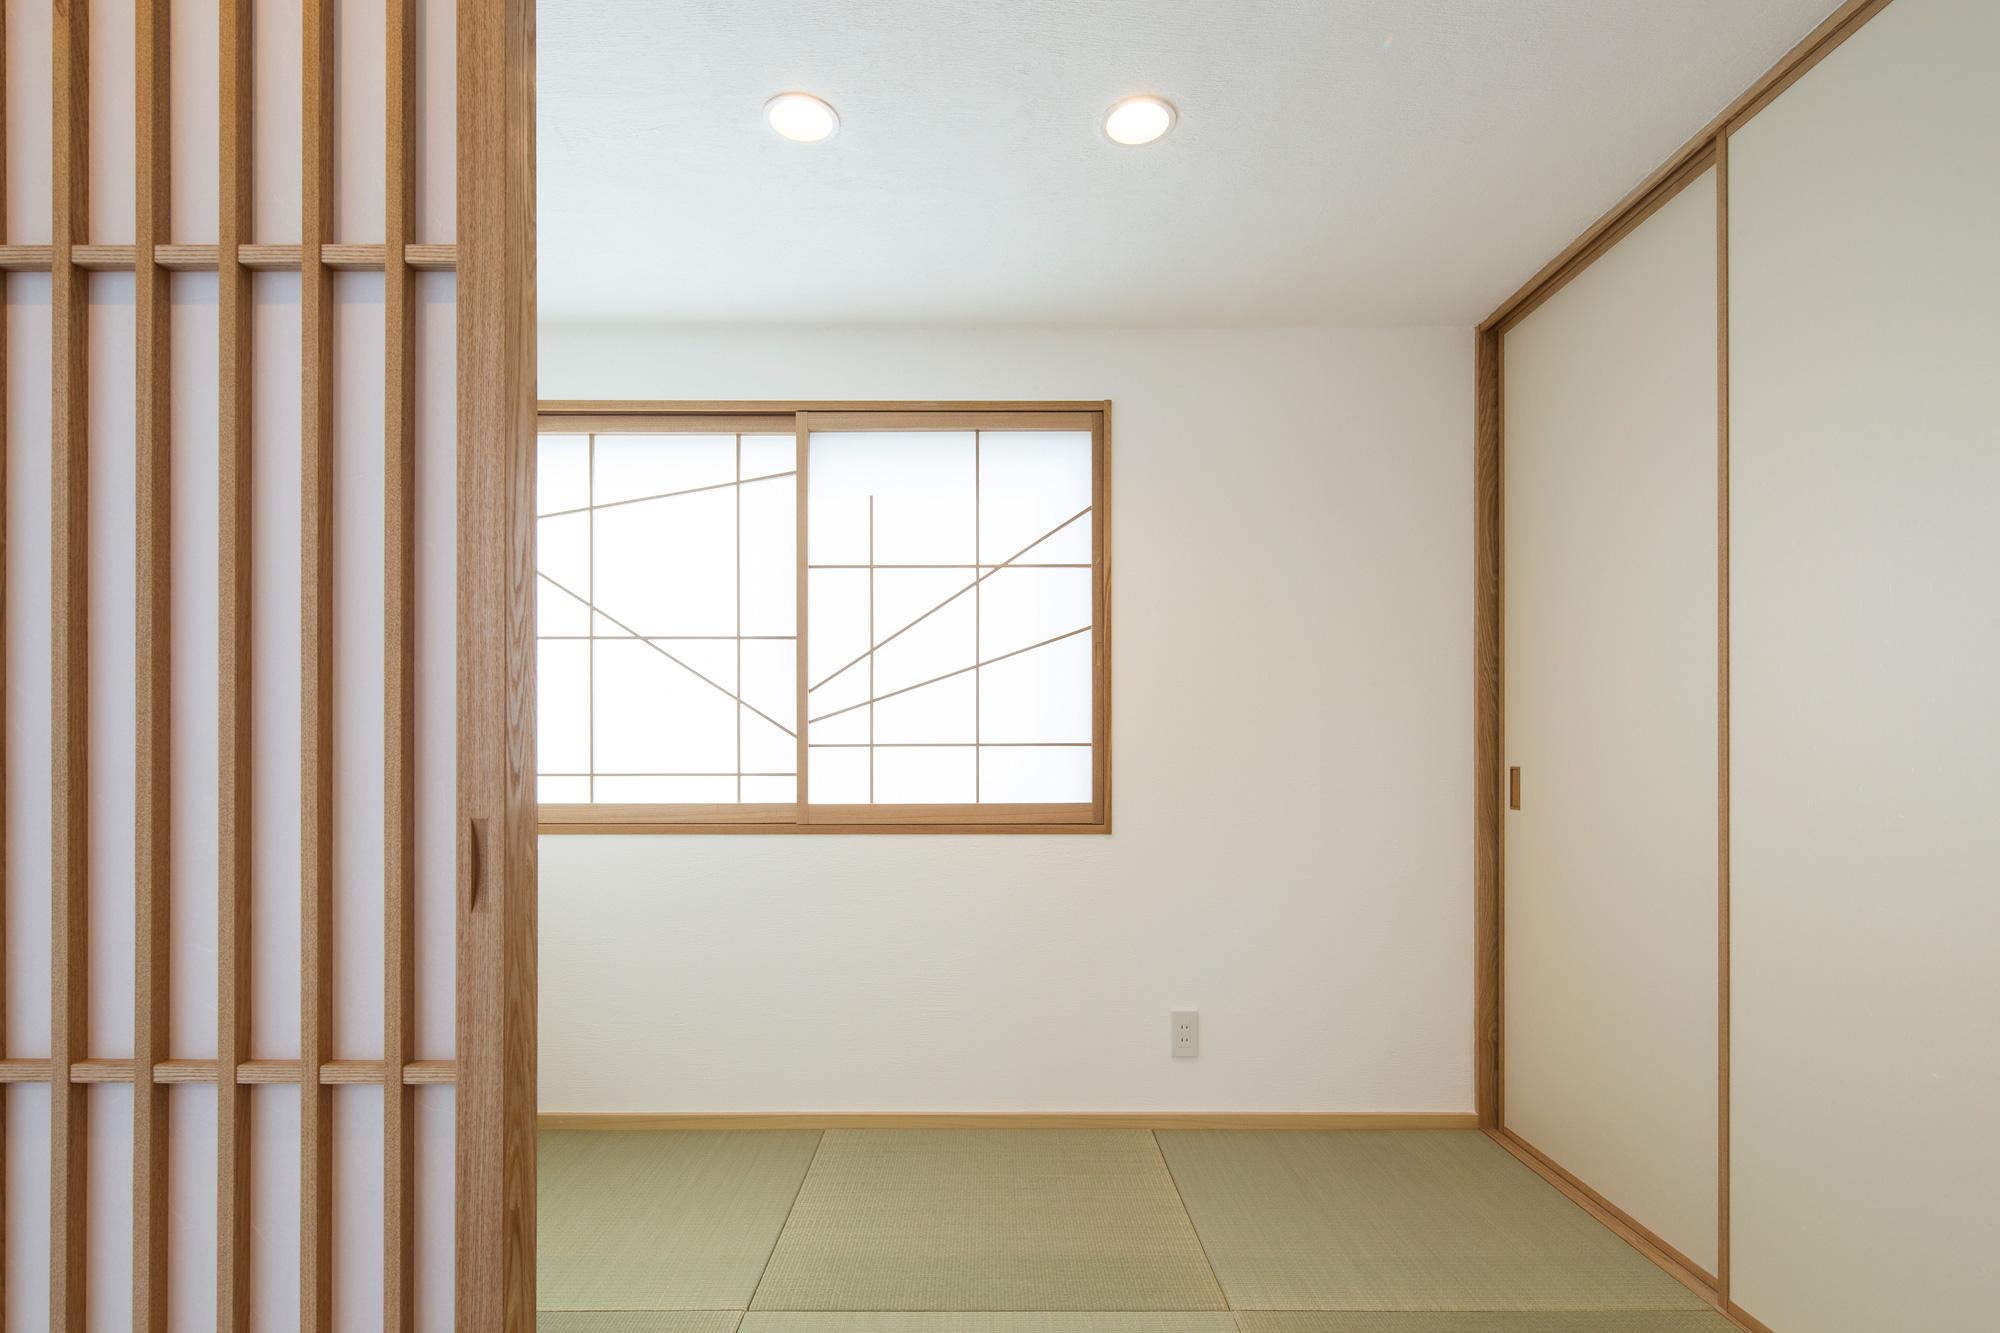 子世帯の和室: 3帖の和室ですが、この狭さと天井の低さが相俟って、意外に落ち着く空間になりました